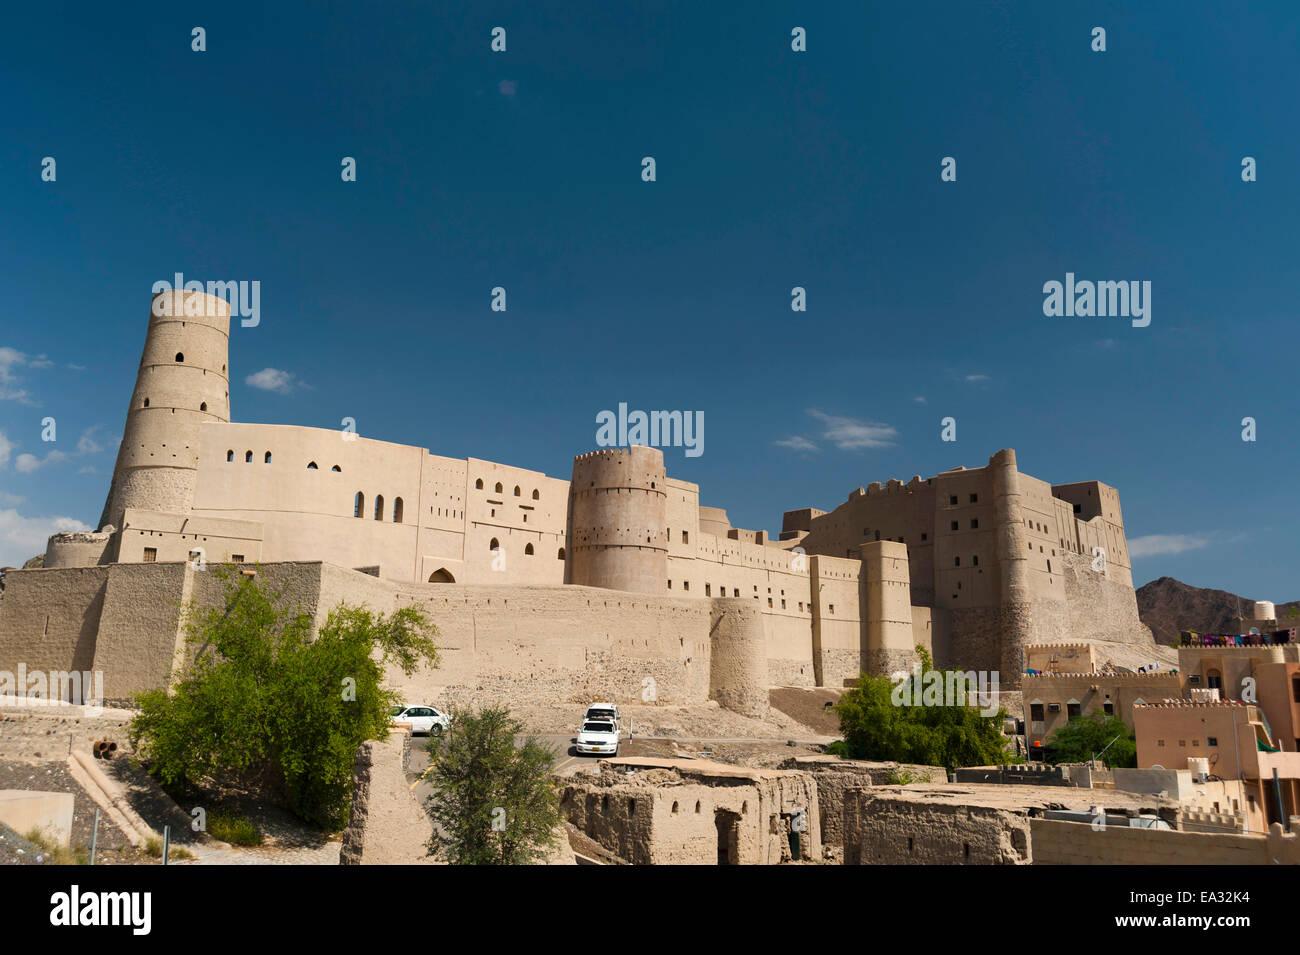 Fuerte de Bahla, Sitio del Patrimonio Mundial de la UNESCO, Omán, Oriente Medio Imagen De Stock